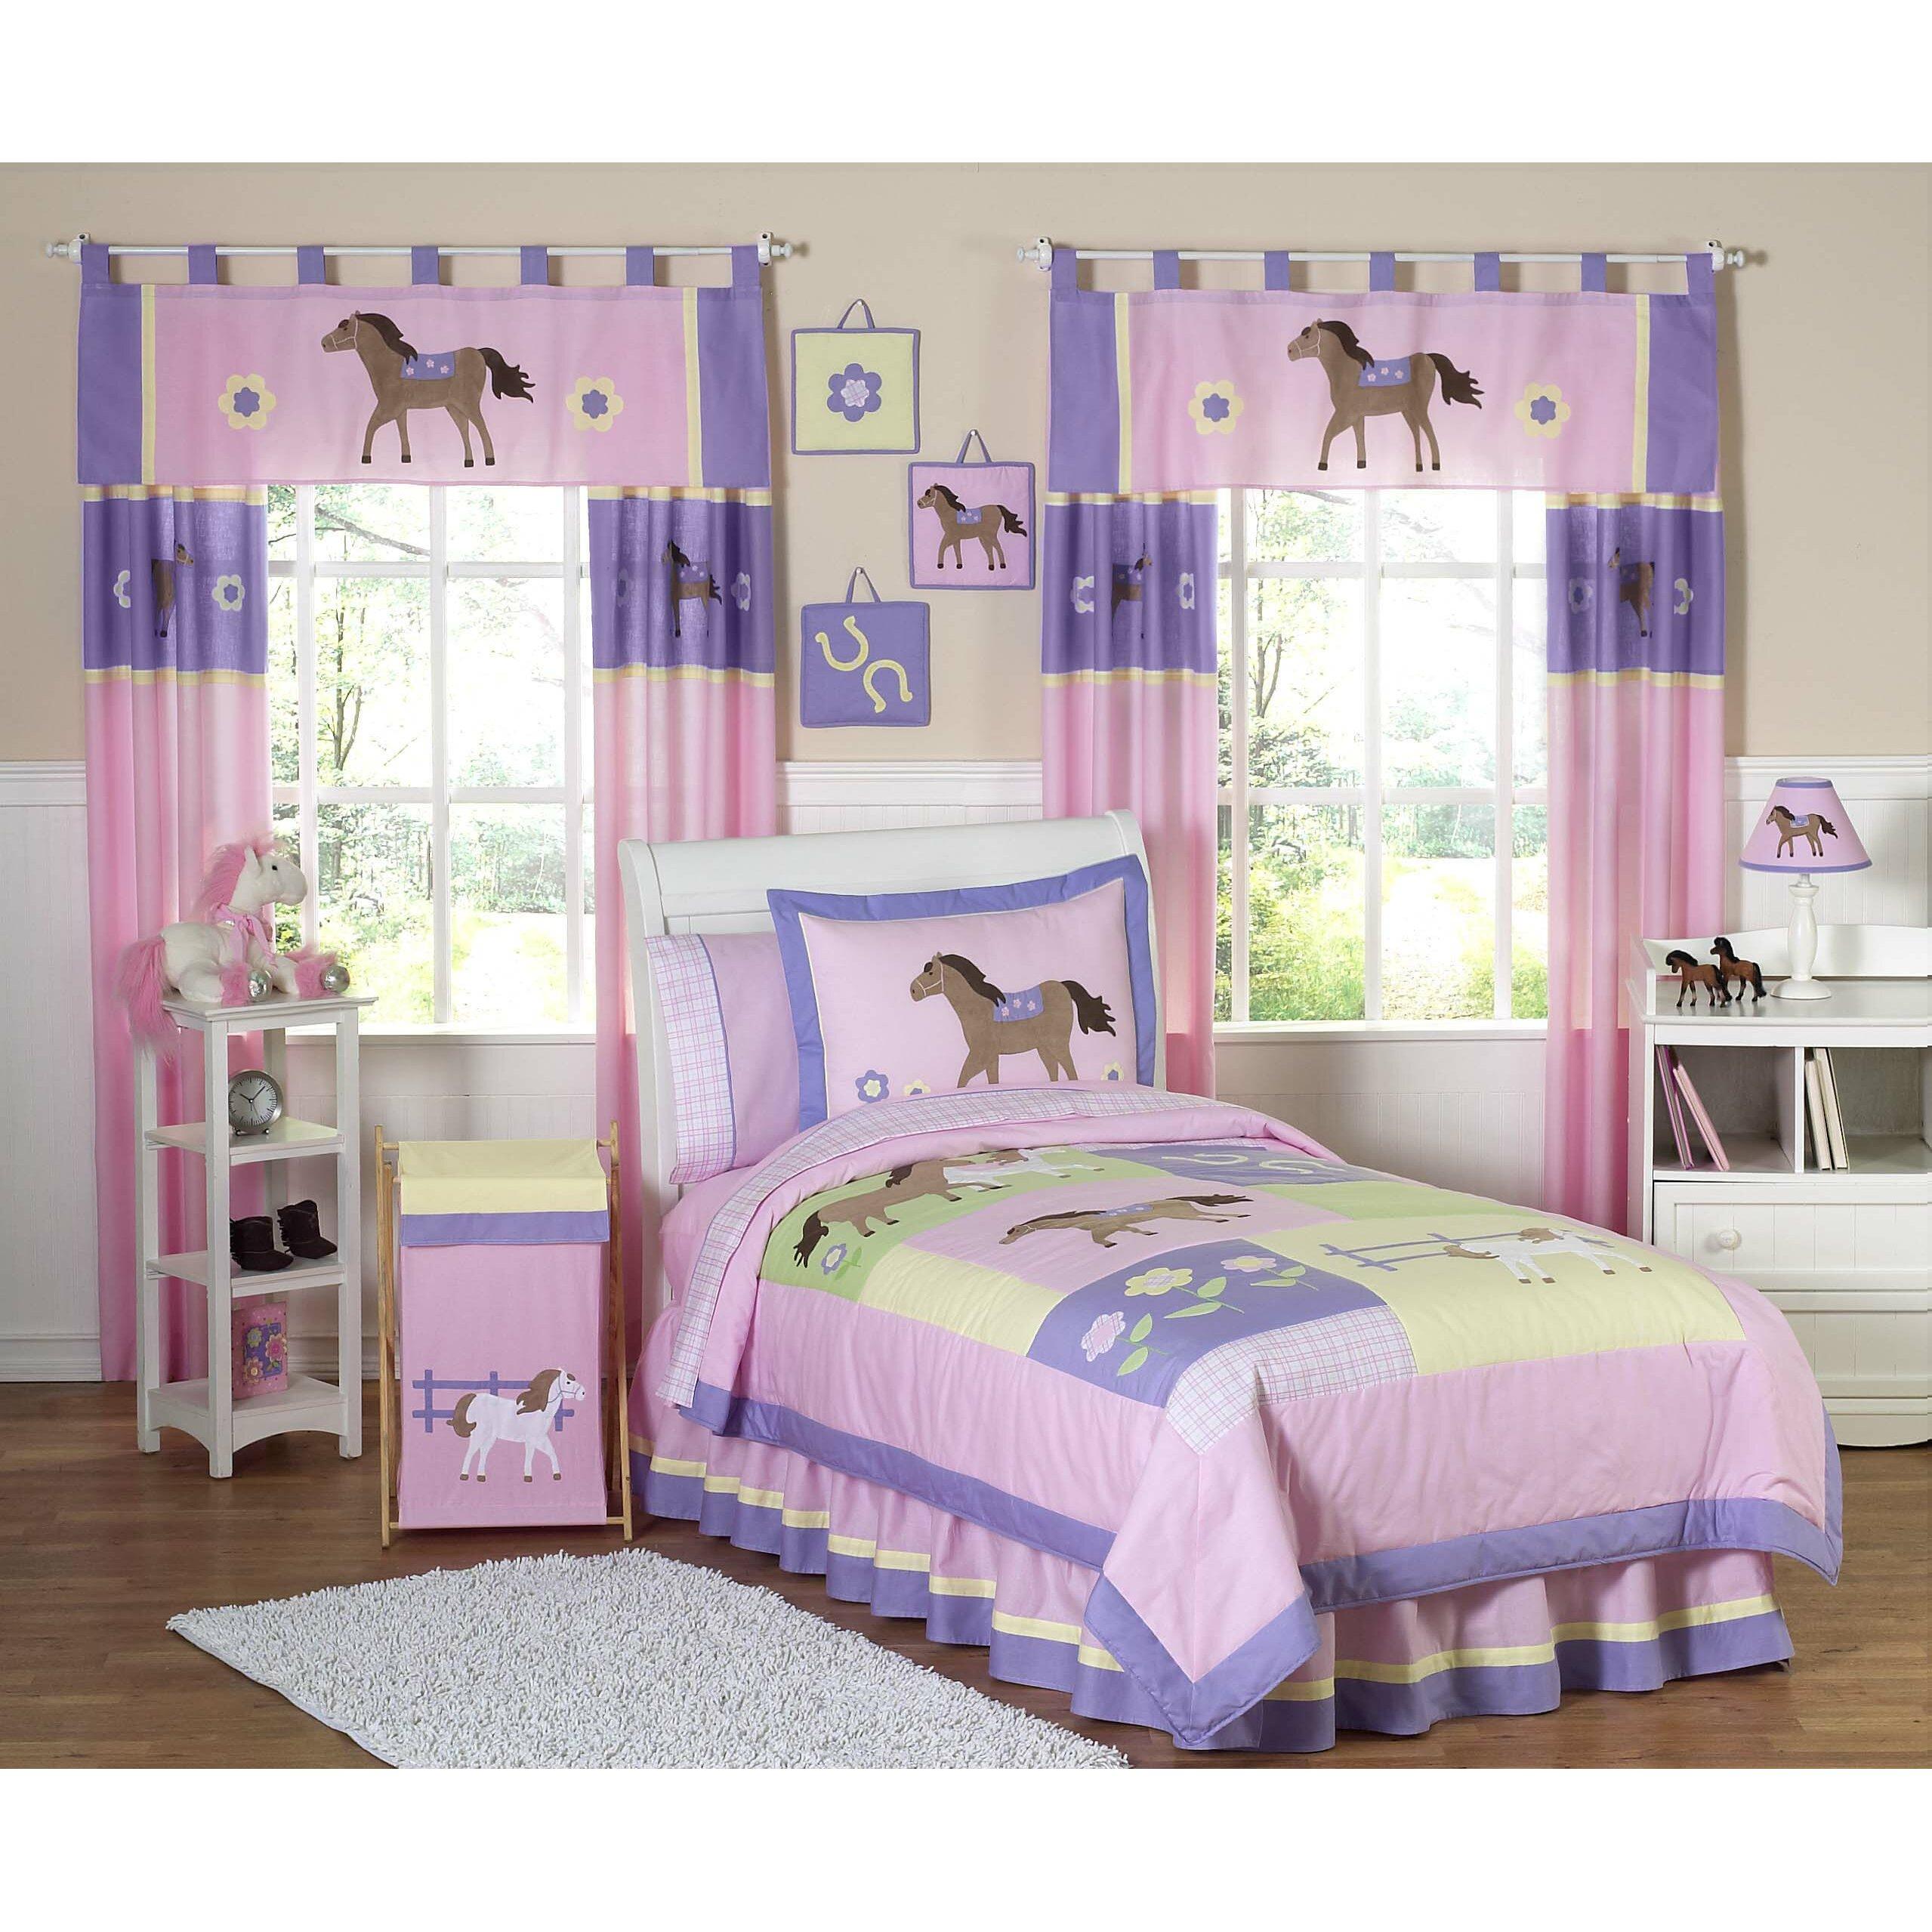 Sweet jojo designs pony 4 piece twin comforter set wayfair for Bed set designs